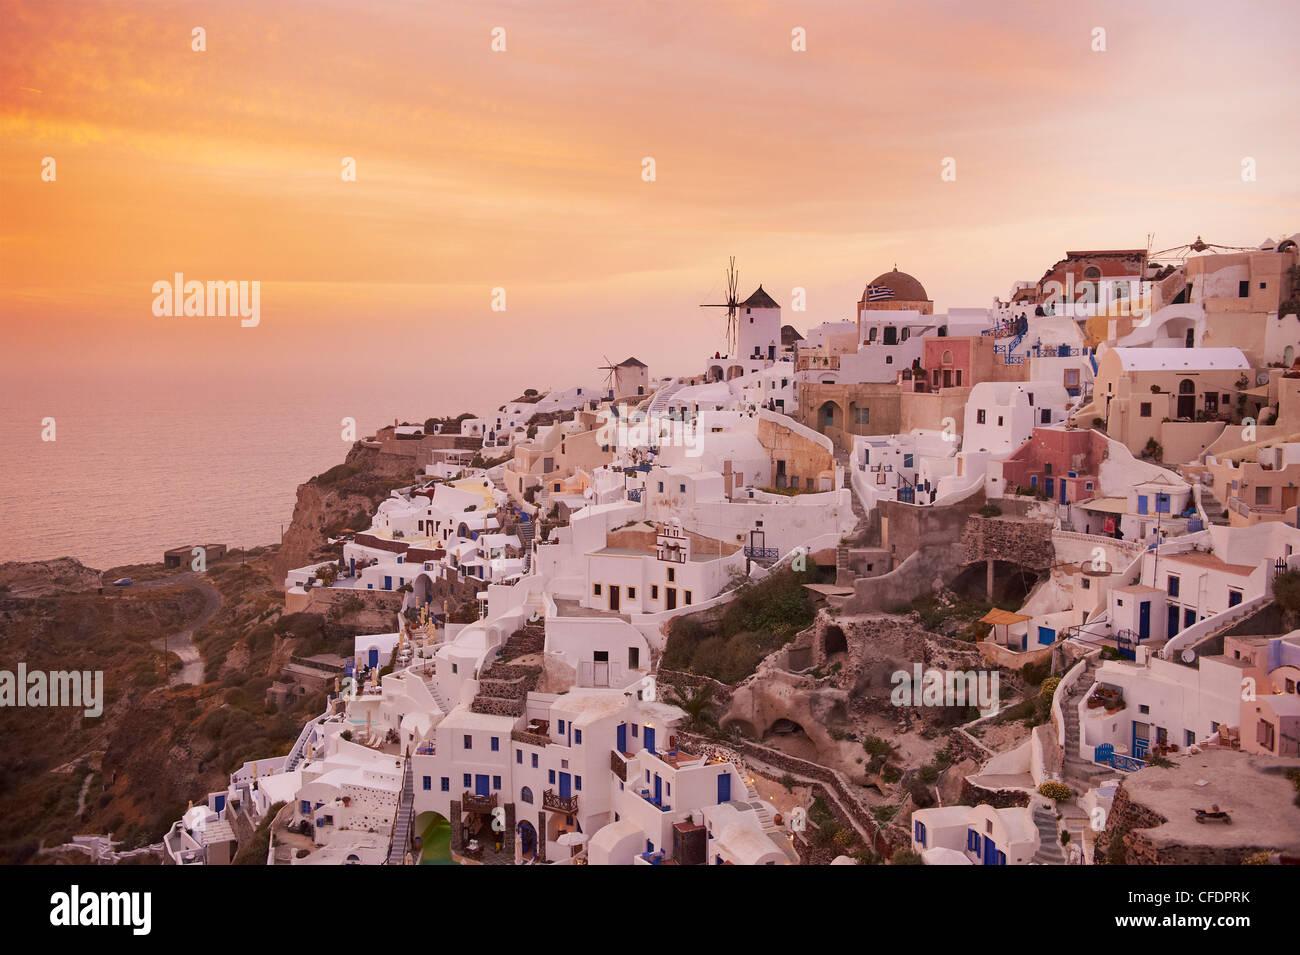 Oia (Ia) Dorf und Mühle, Santorini, Cyclades, griechische Inseln, Griechenland, Europa Stockbild